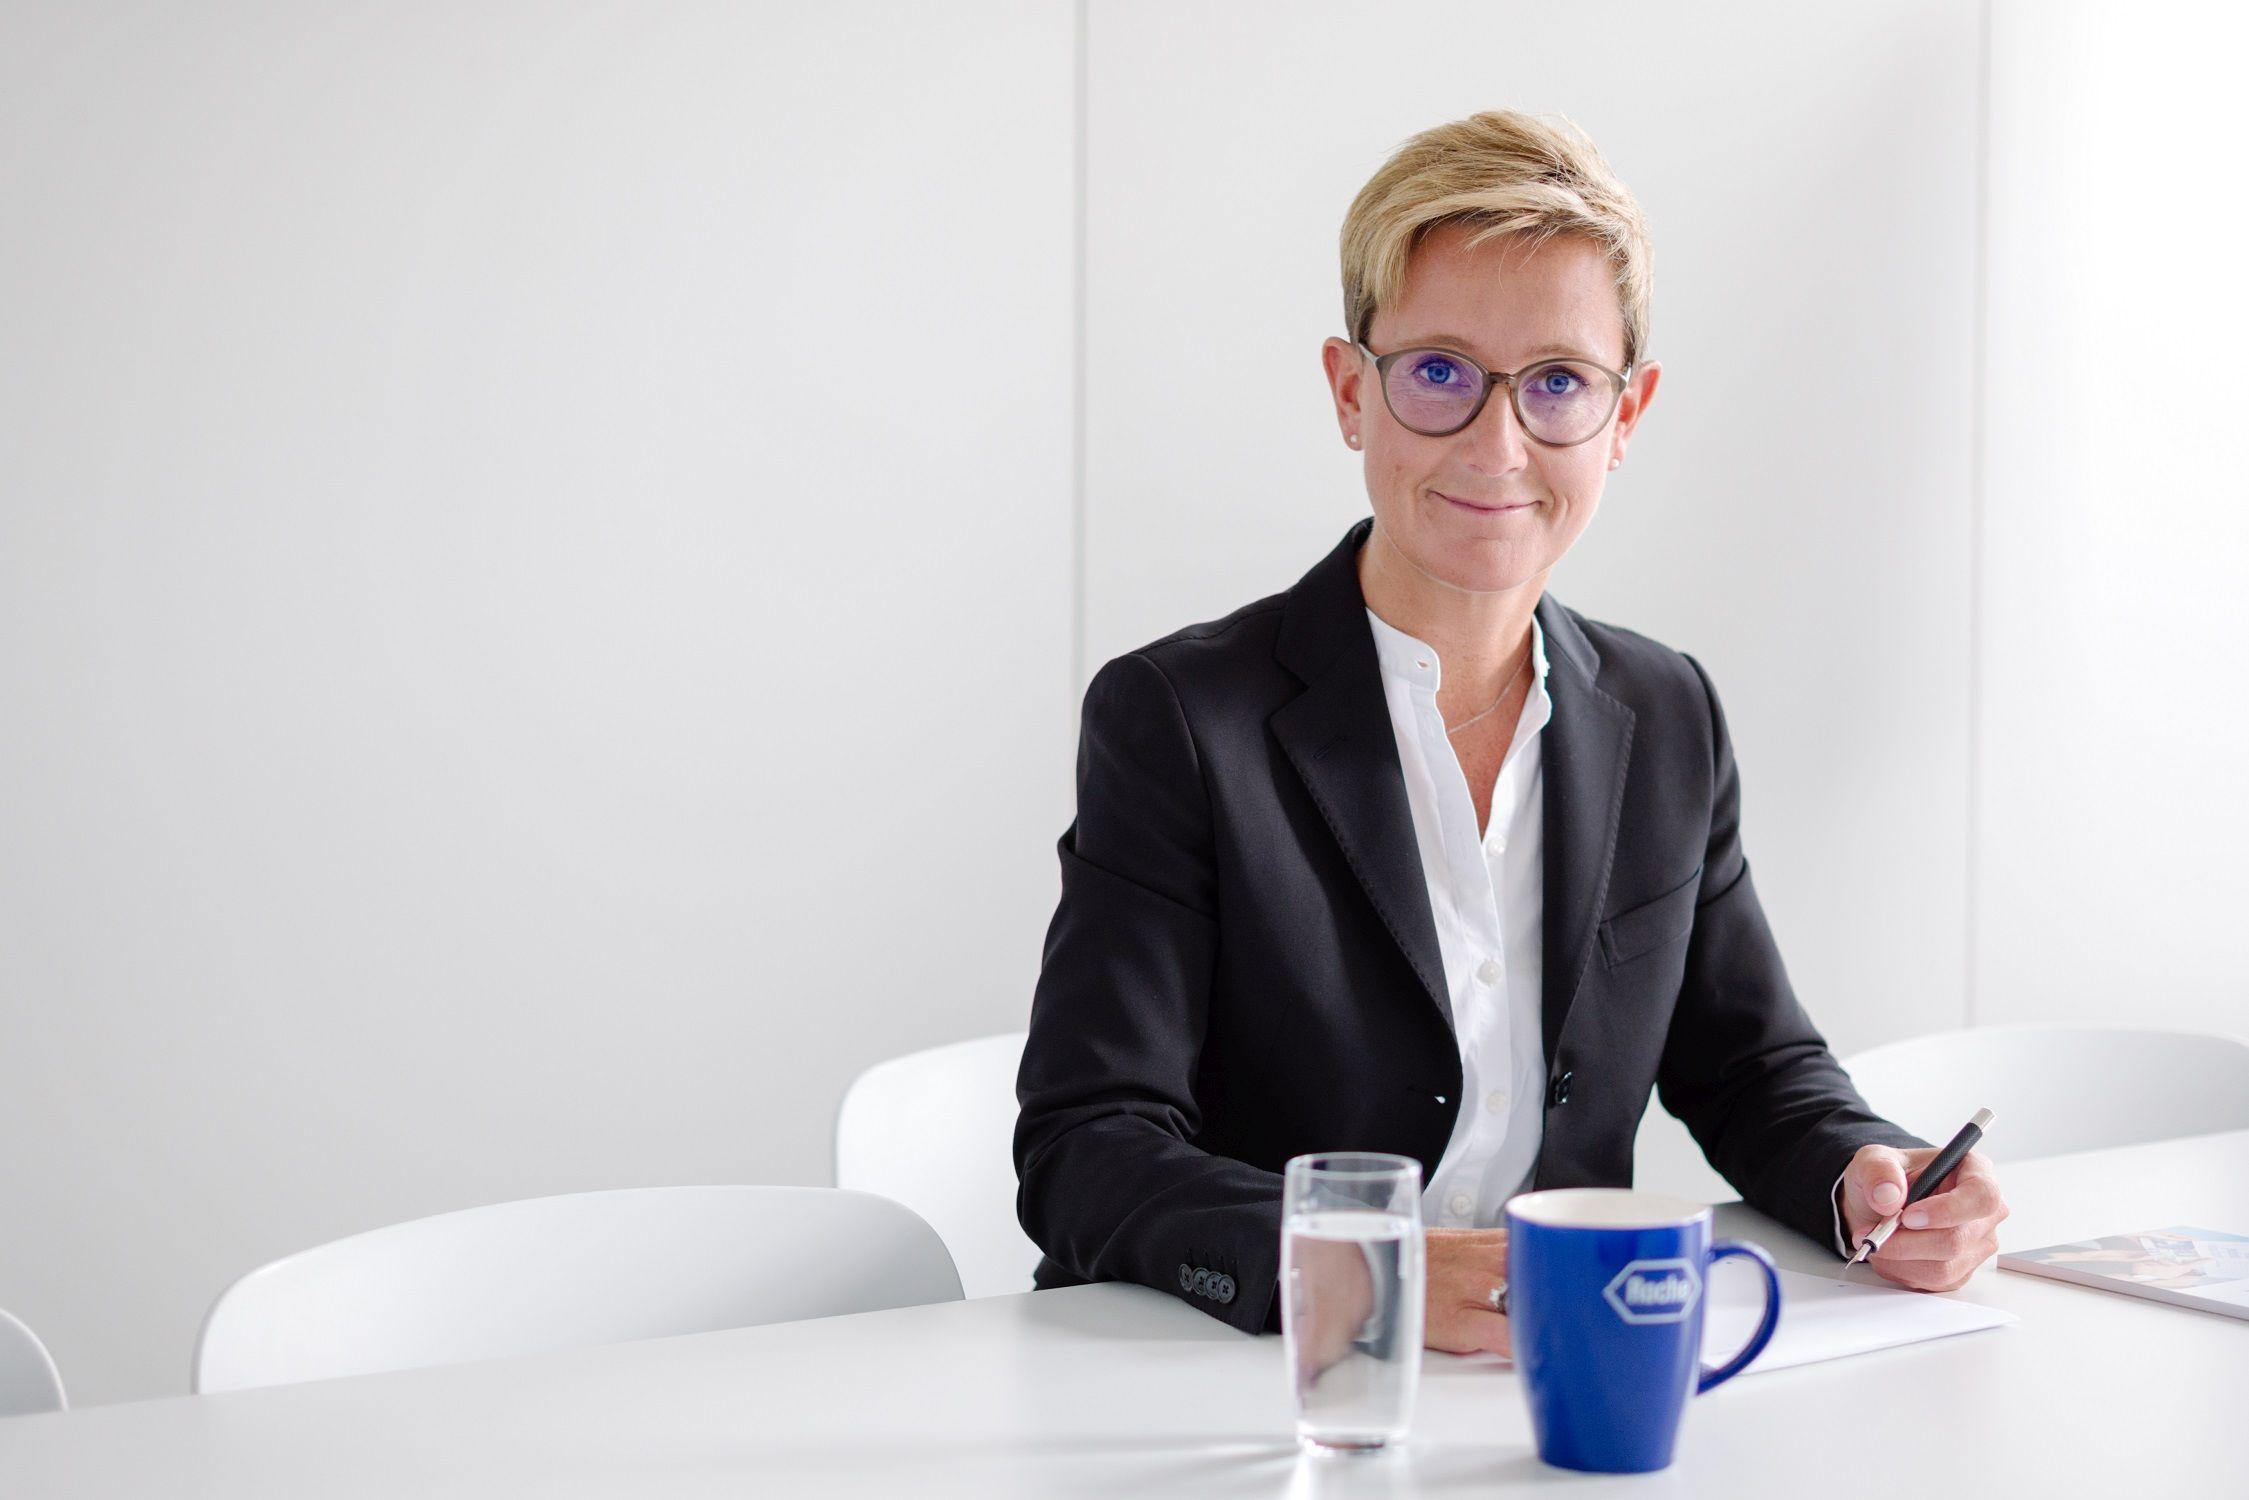 Noul director general al companiei farmaceutice Roche România este Claudia Fleischer, cu o vechime de peste 17 ani în companie